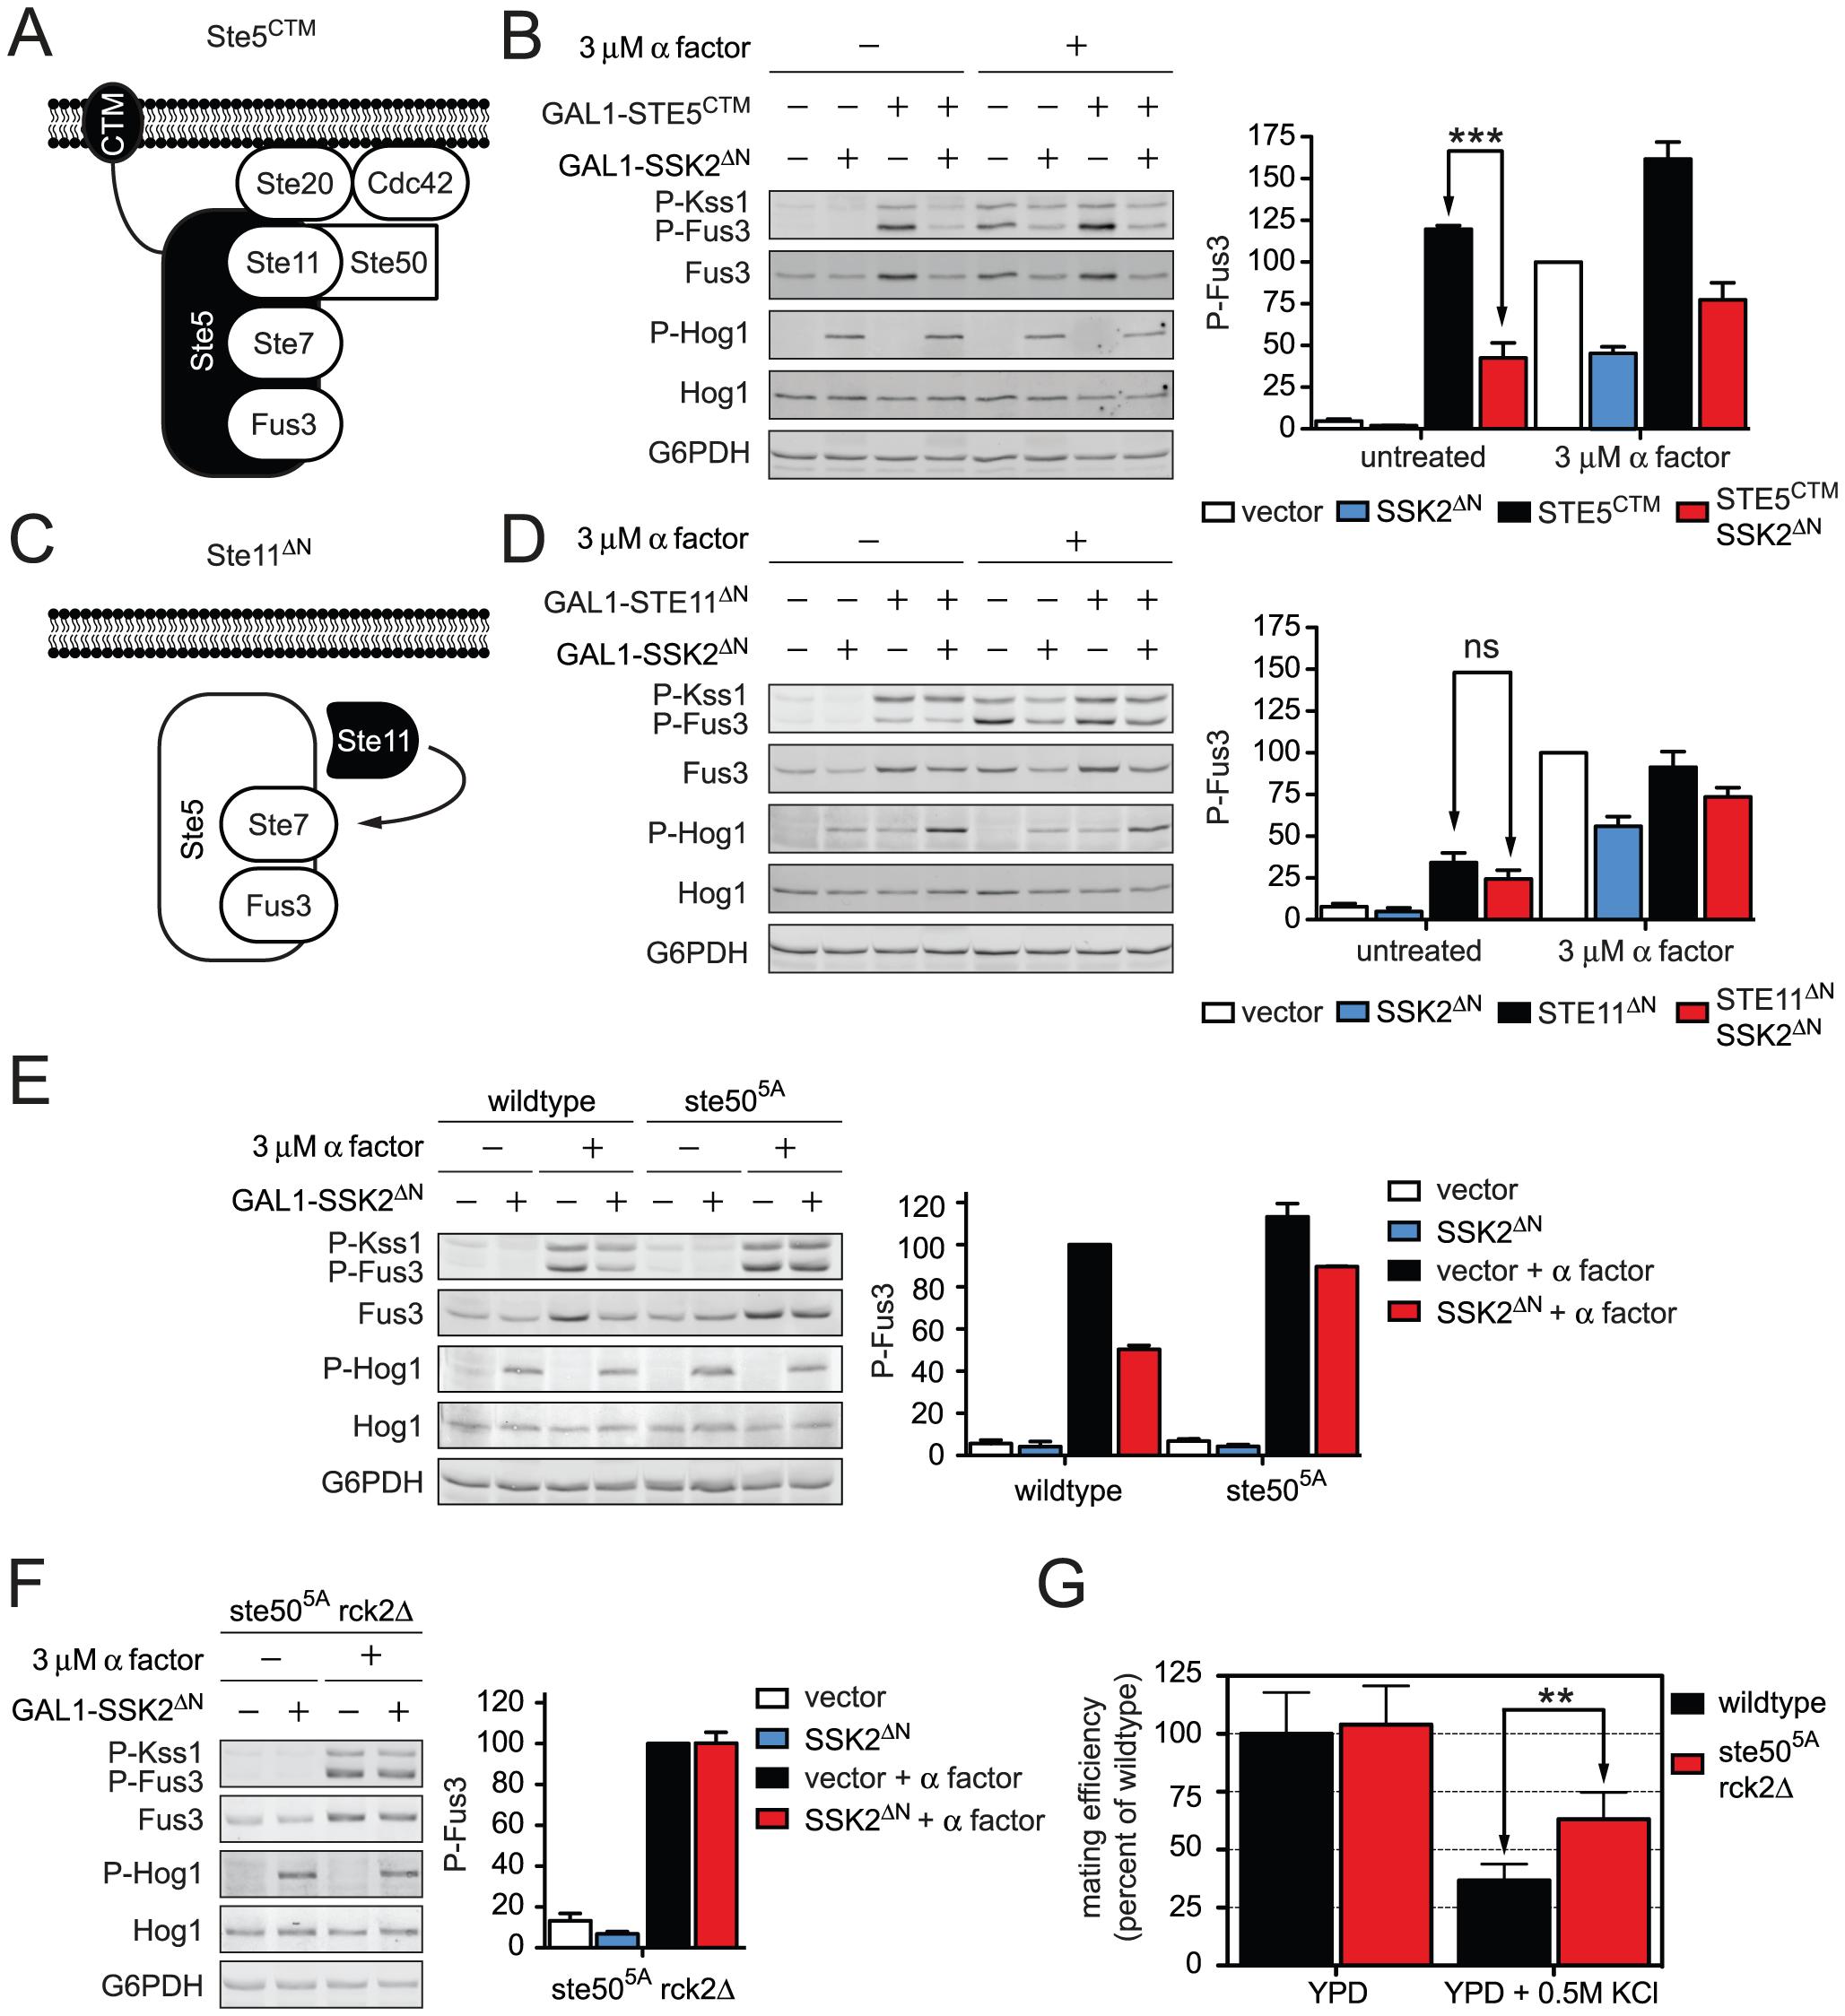 Hog1 dampens Fus3 activation by targeting Ste50.